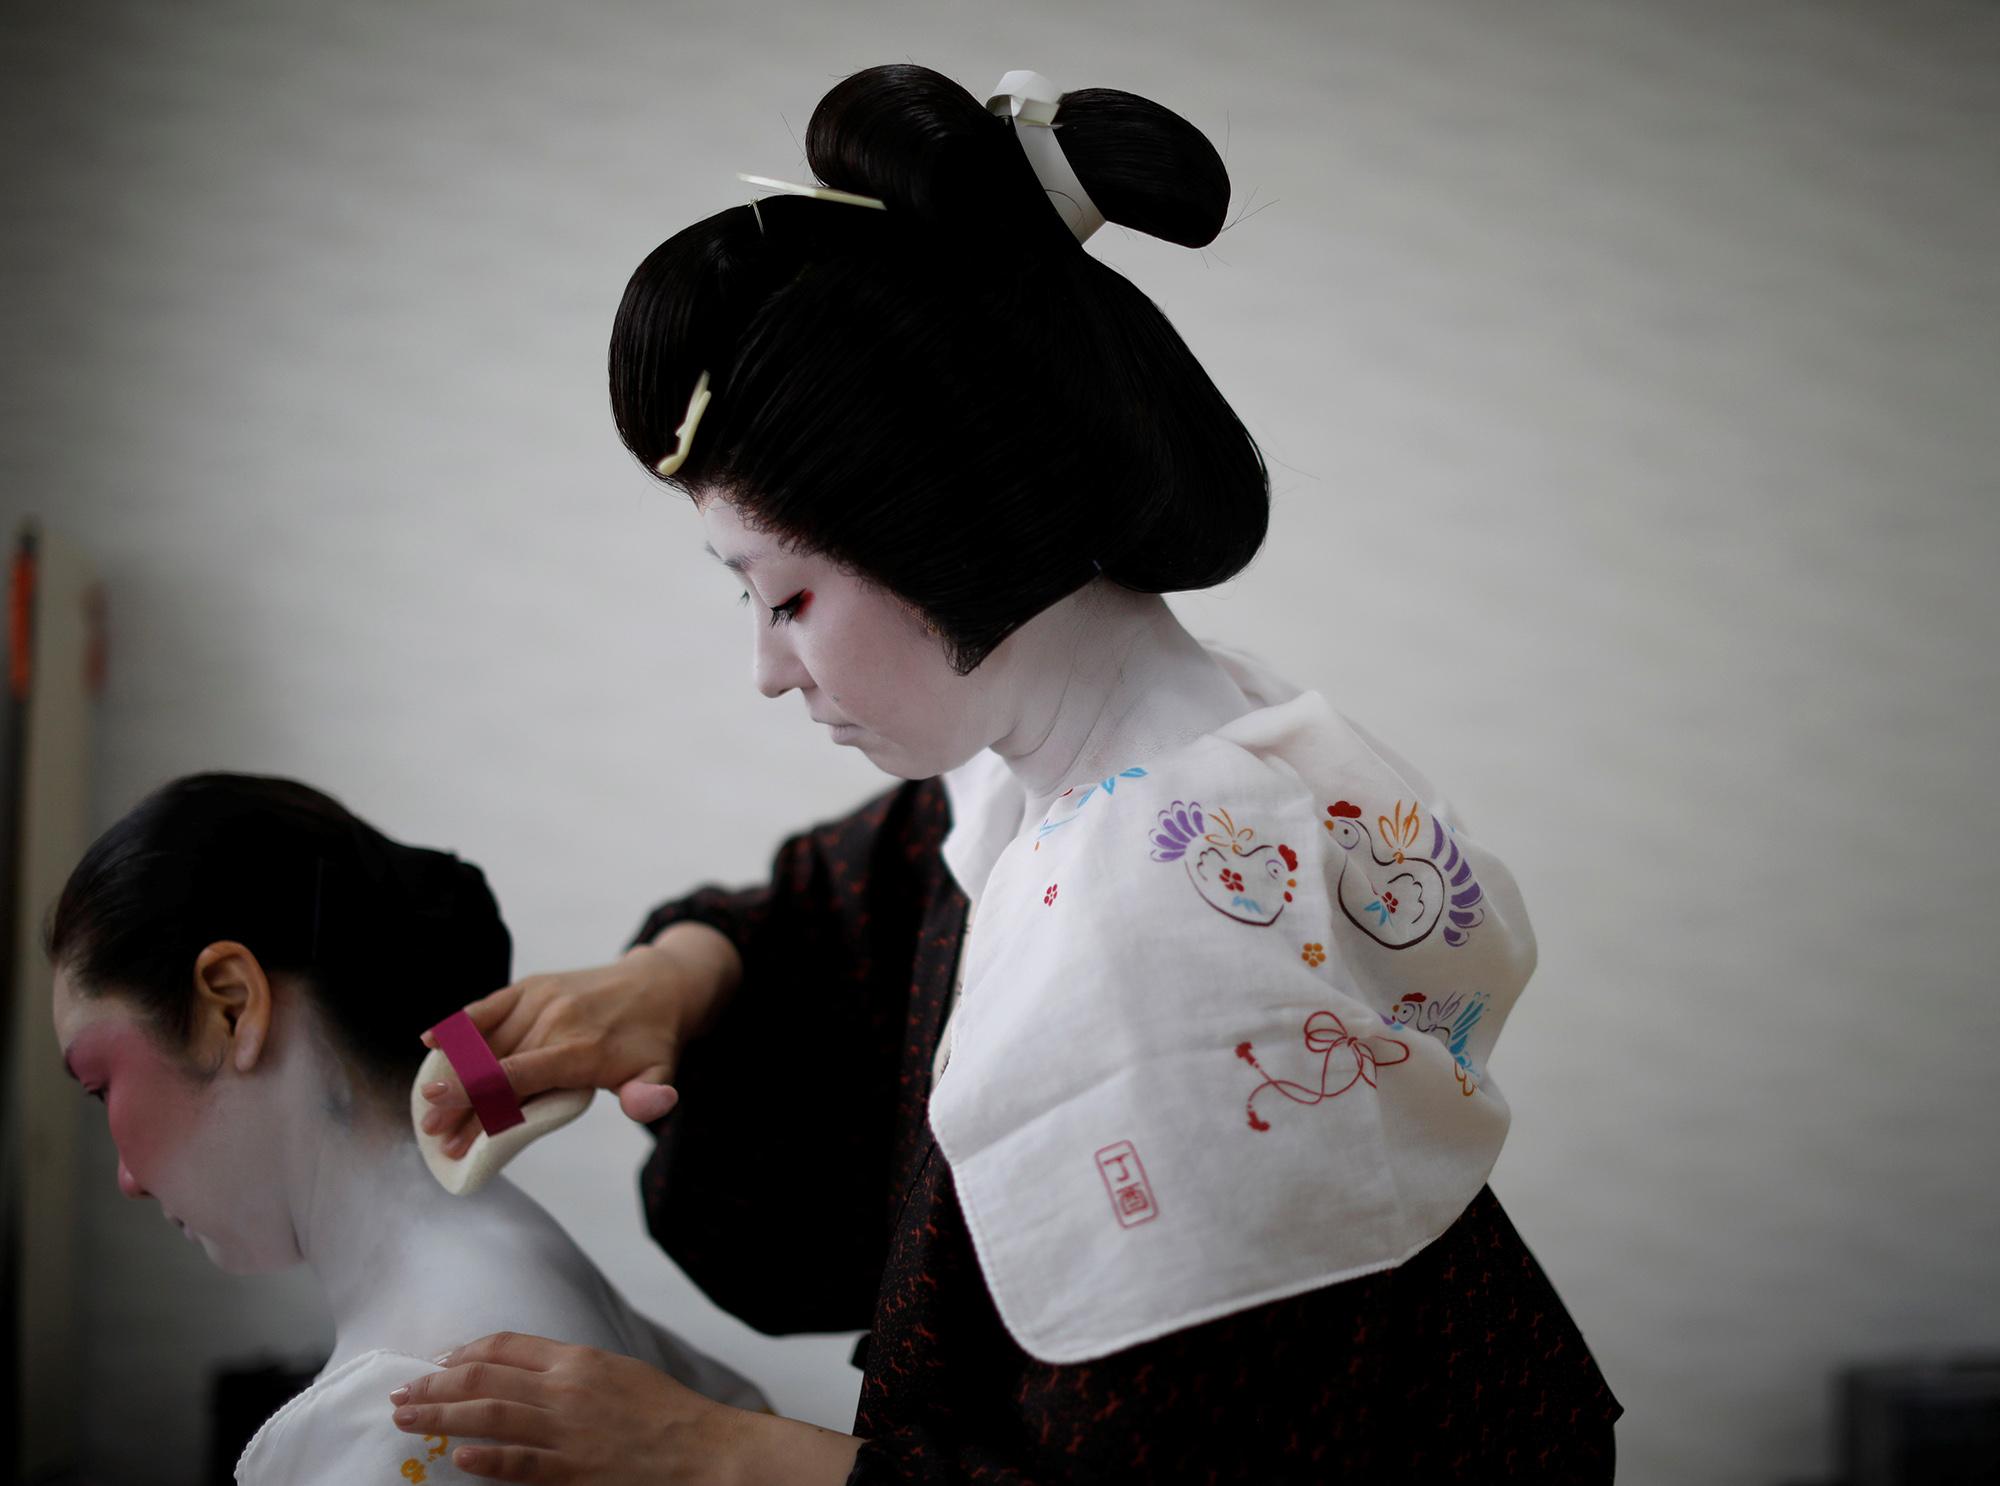 Коику раскрашивает шею Майю — так они вдоме гейш Икуко готовятся кработе навечеринке.